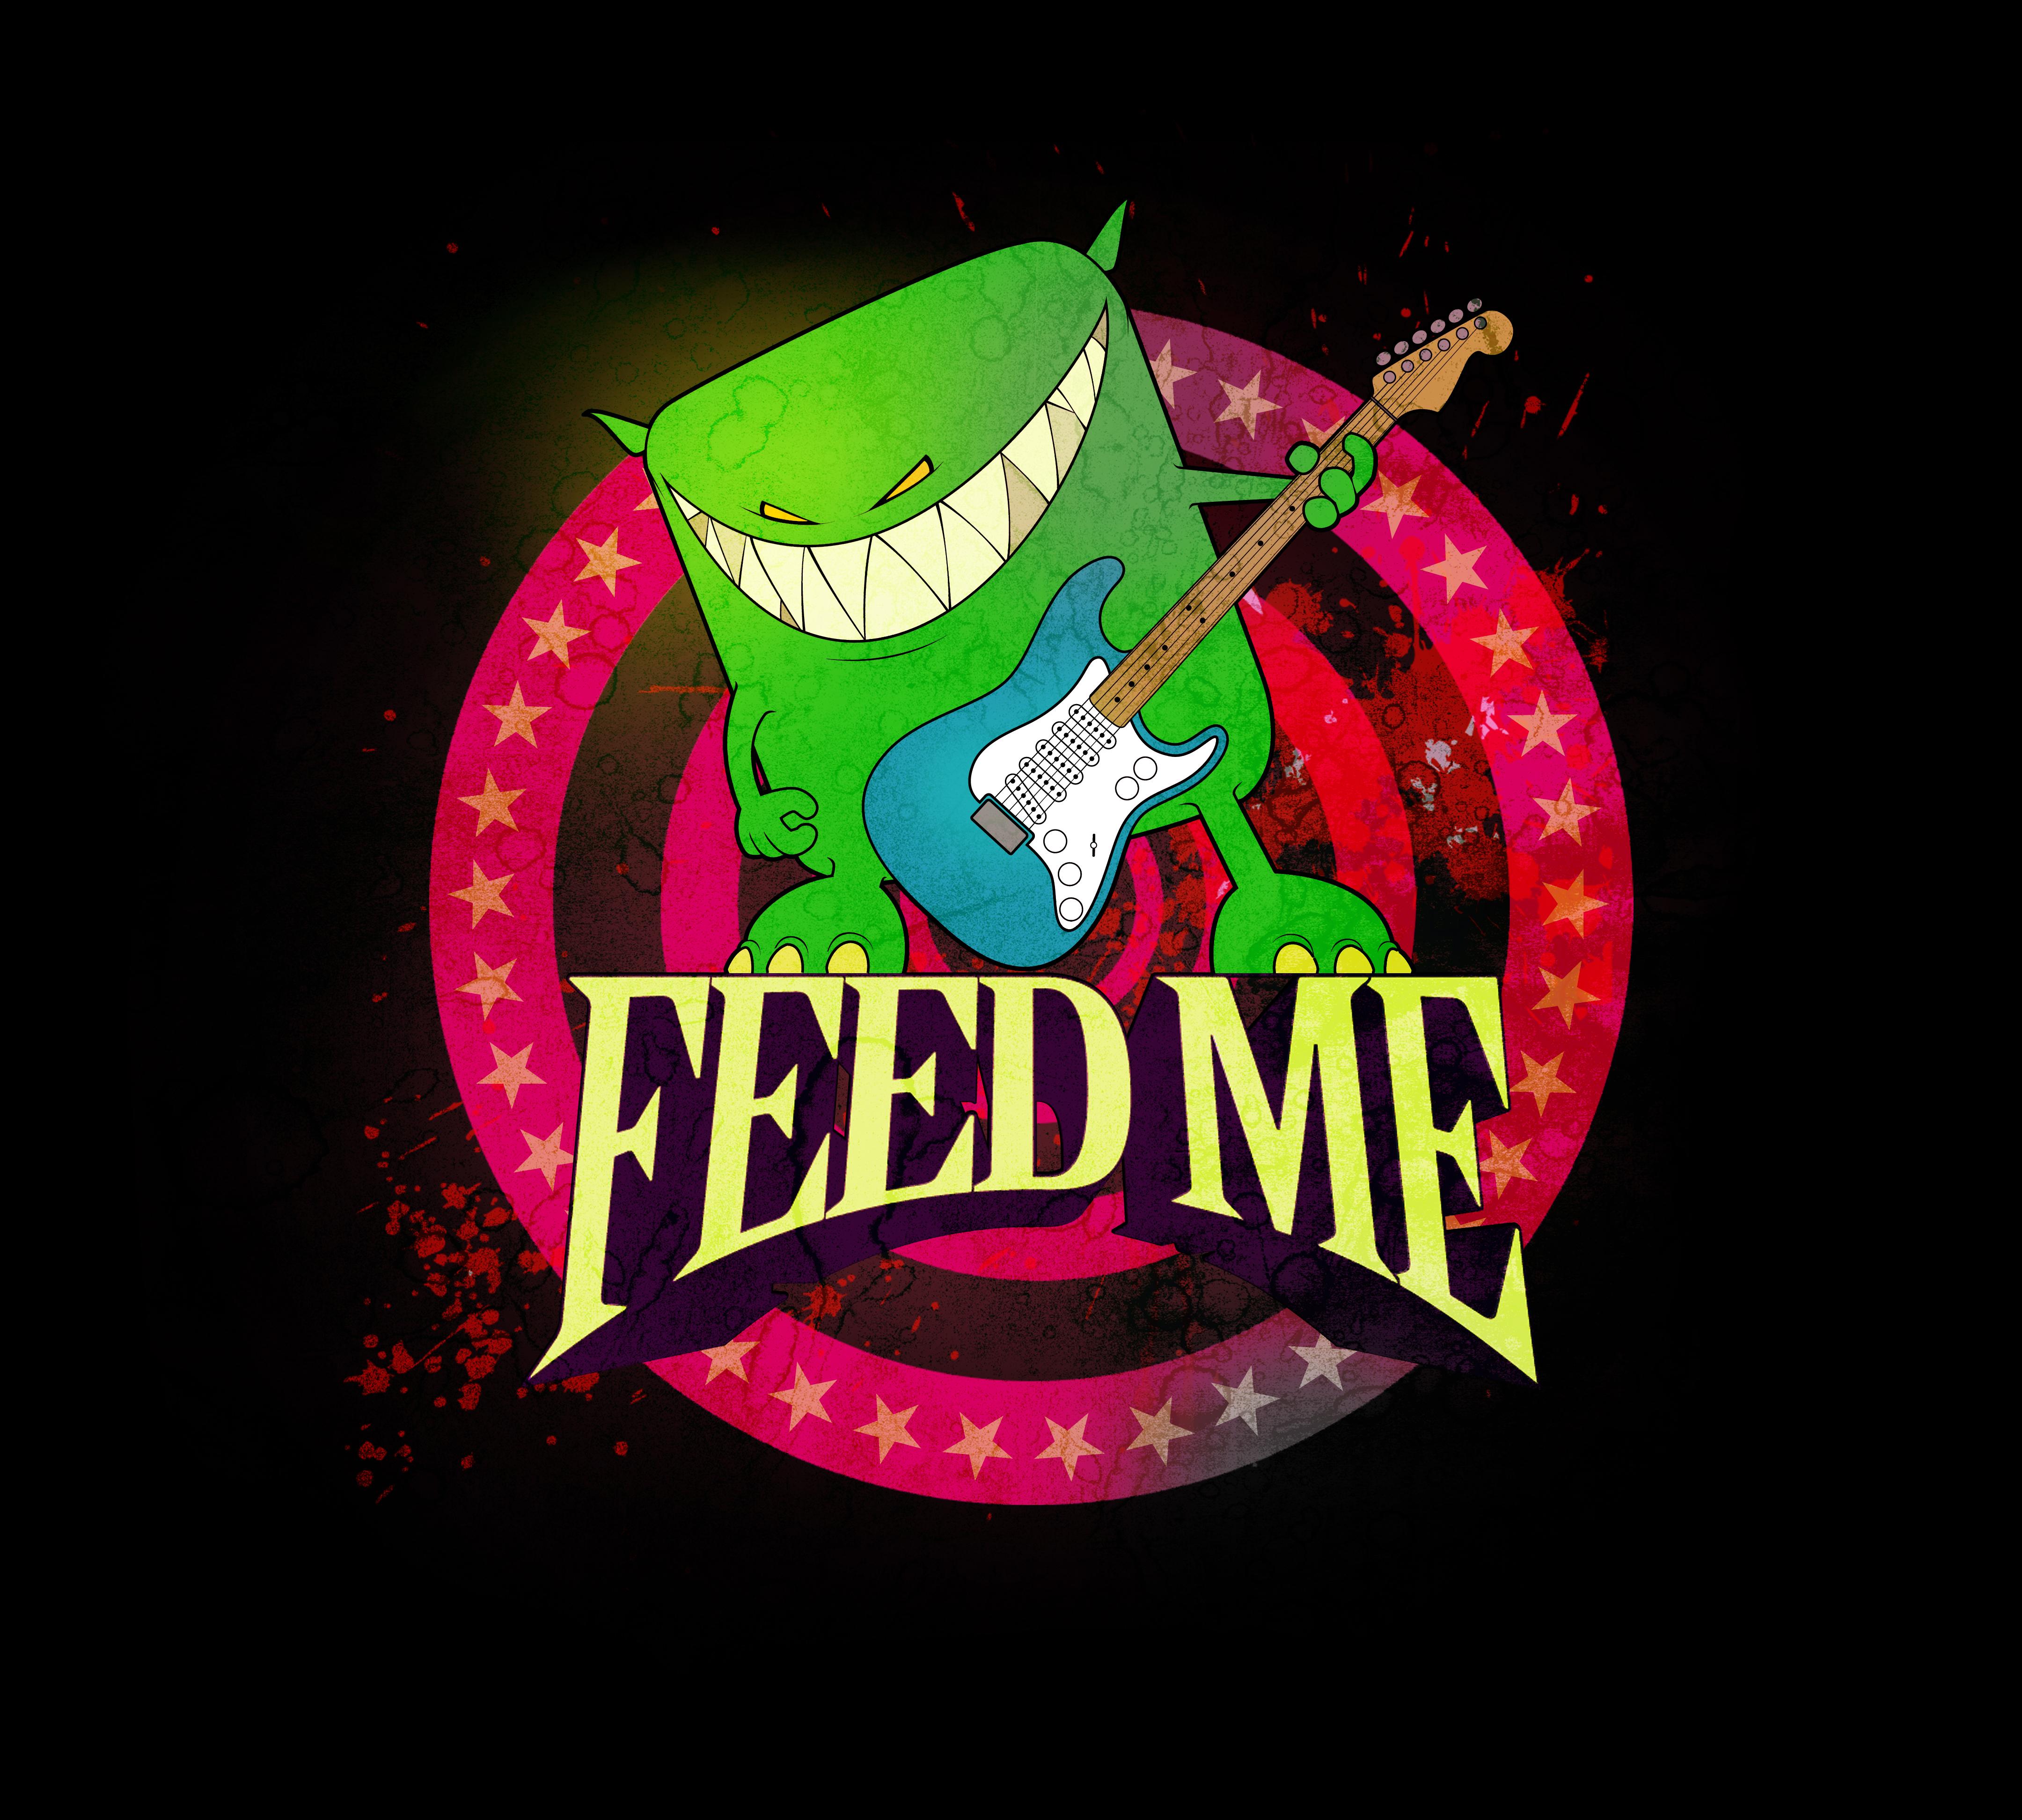 FEED ME.